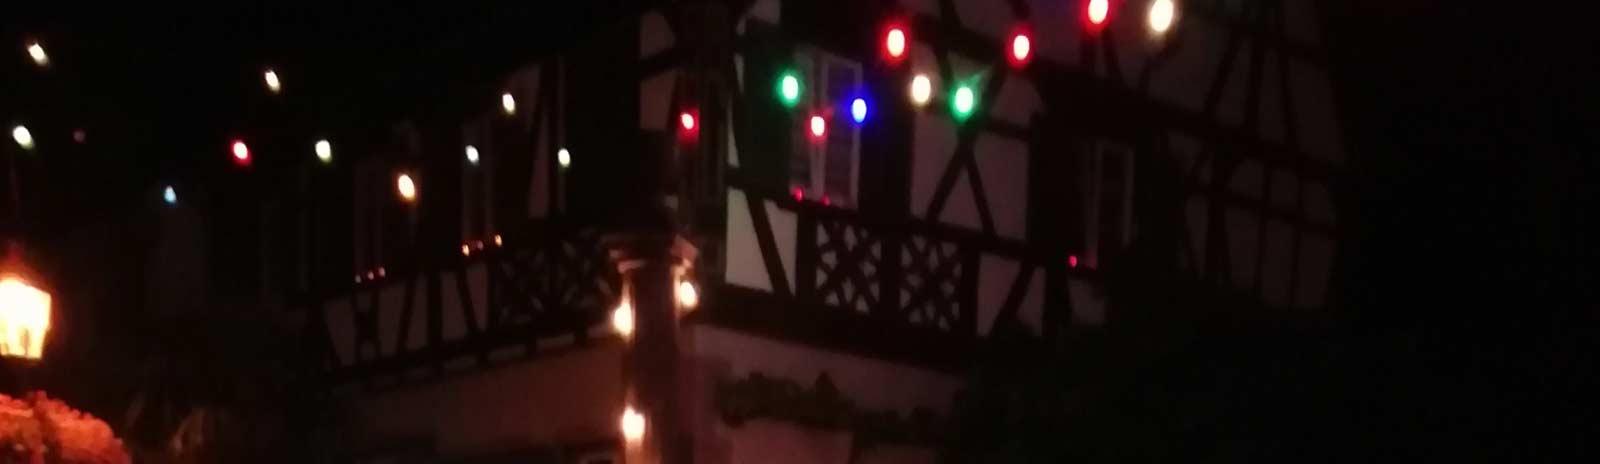 2019_11_11_Haus_St_Katharina_Lichernacht_Slider